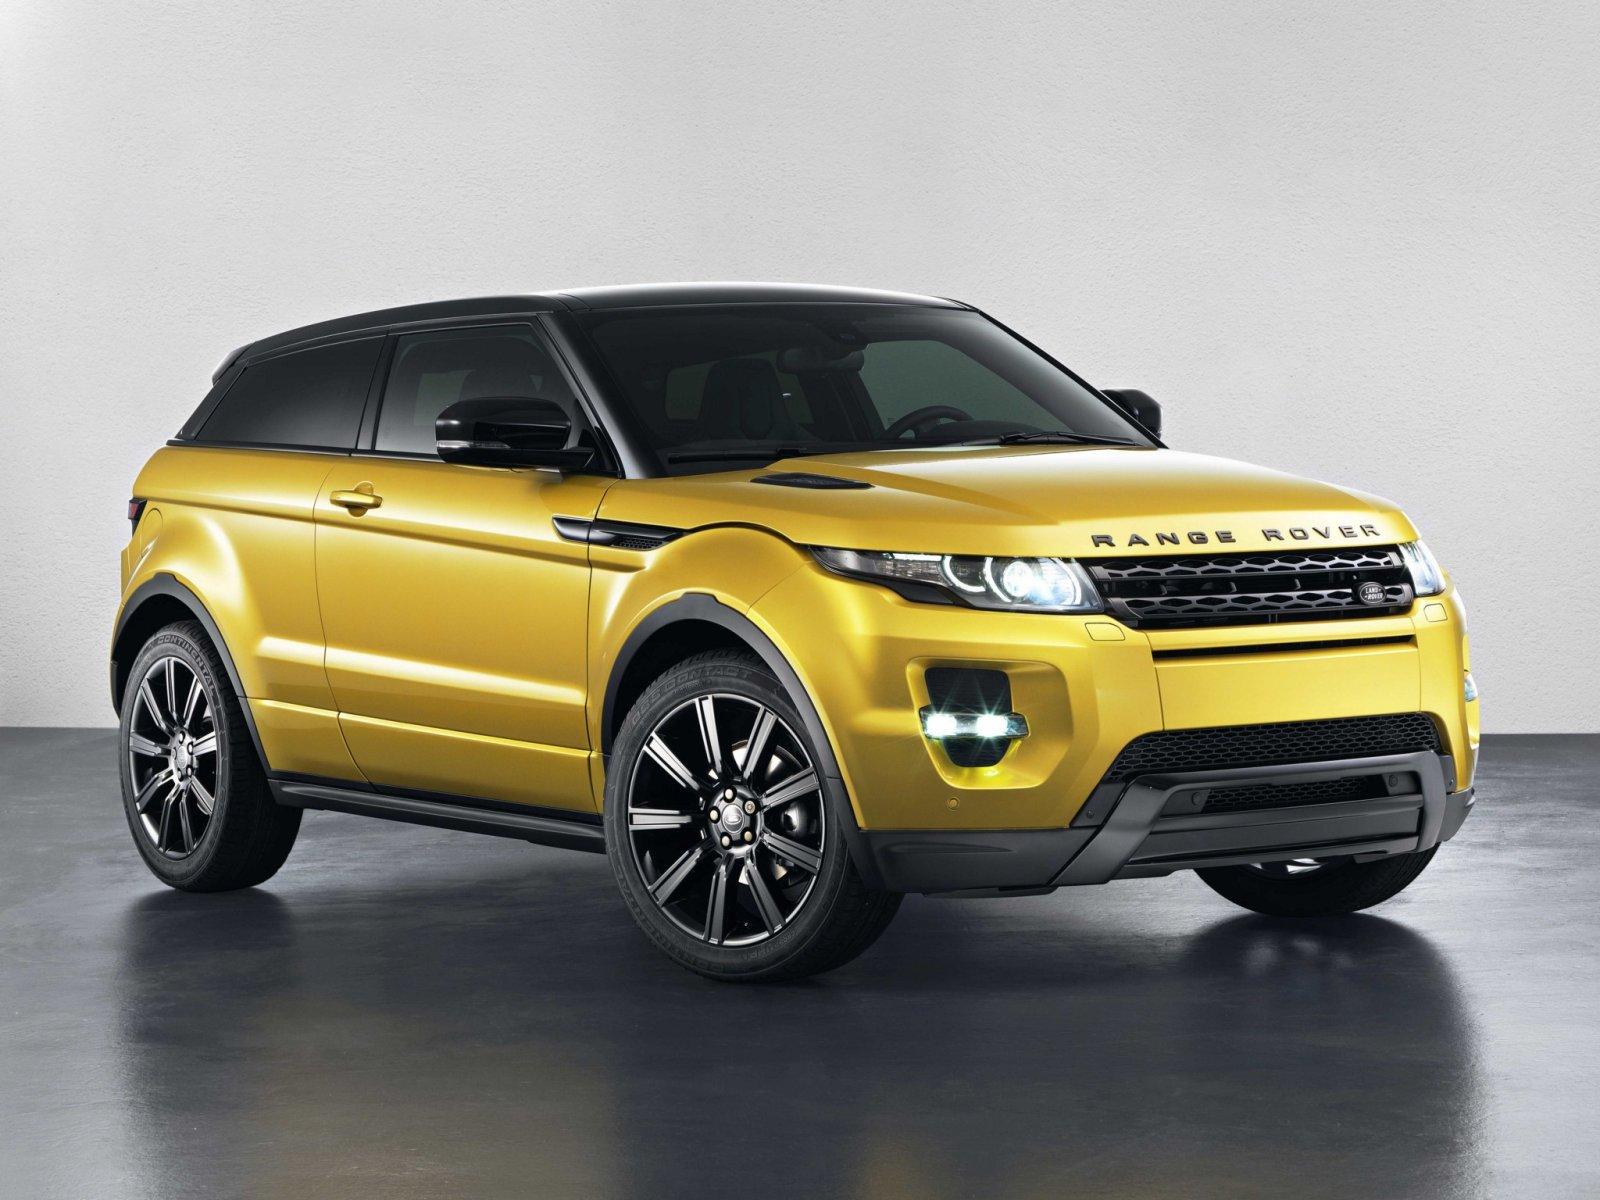 Российское представительство компании land rover объявило цены на трех- и пятидверные кроссоверы range rover evoque